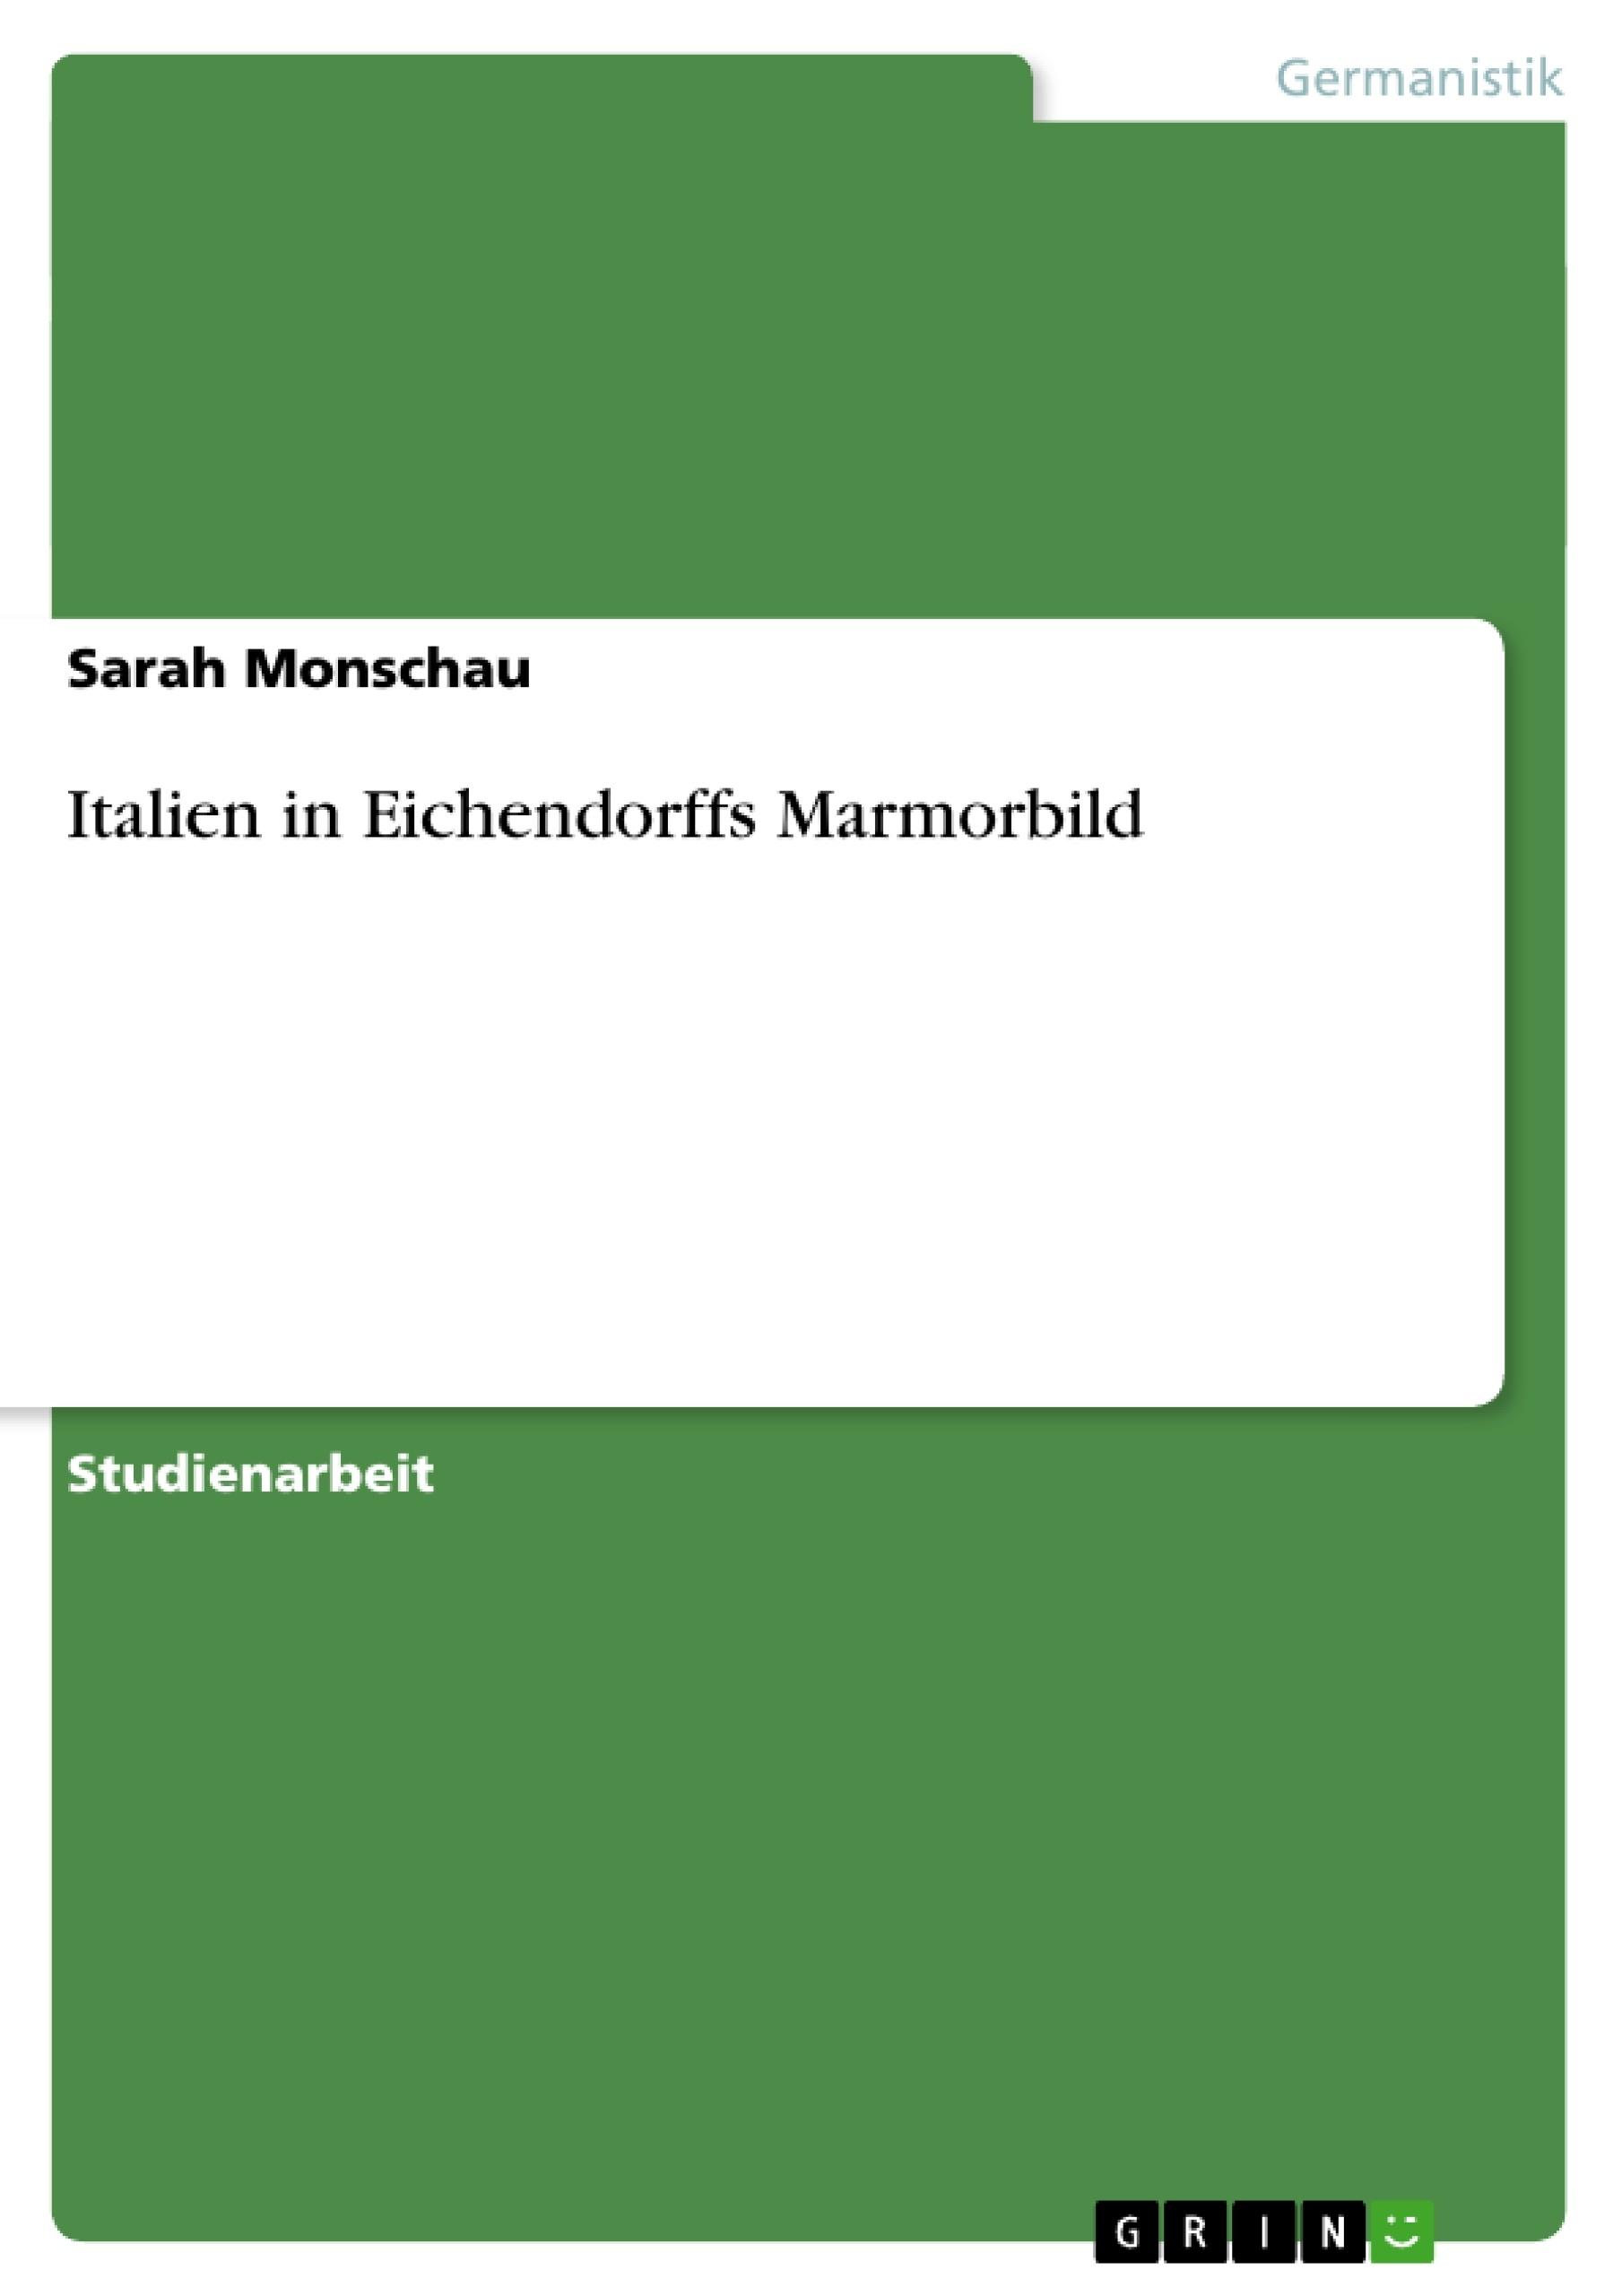 Titel: Italien in Eichendorffs Marmorbild